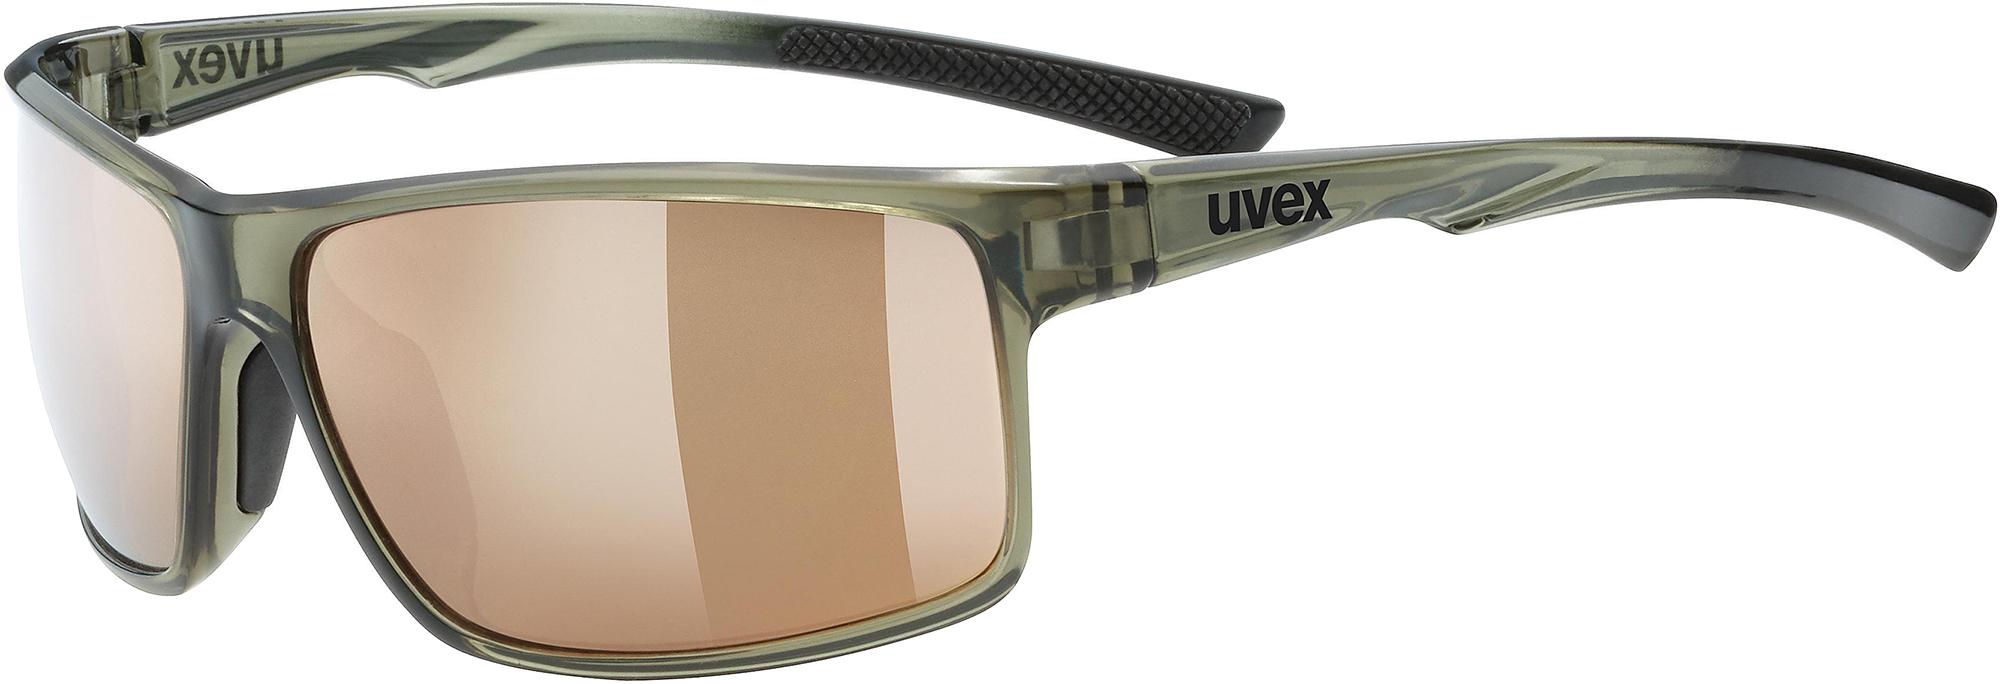 uvex шлем велосипедный uvex i vo c размер 52 56 Uvex Солнцезащитные очки Uvex Lgl 44